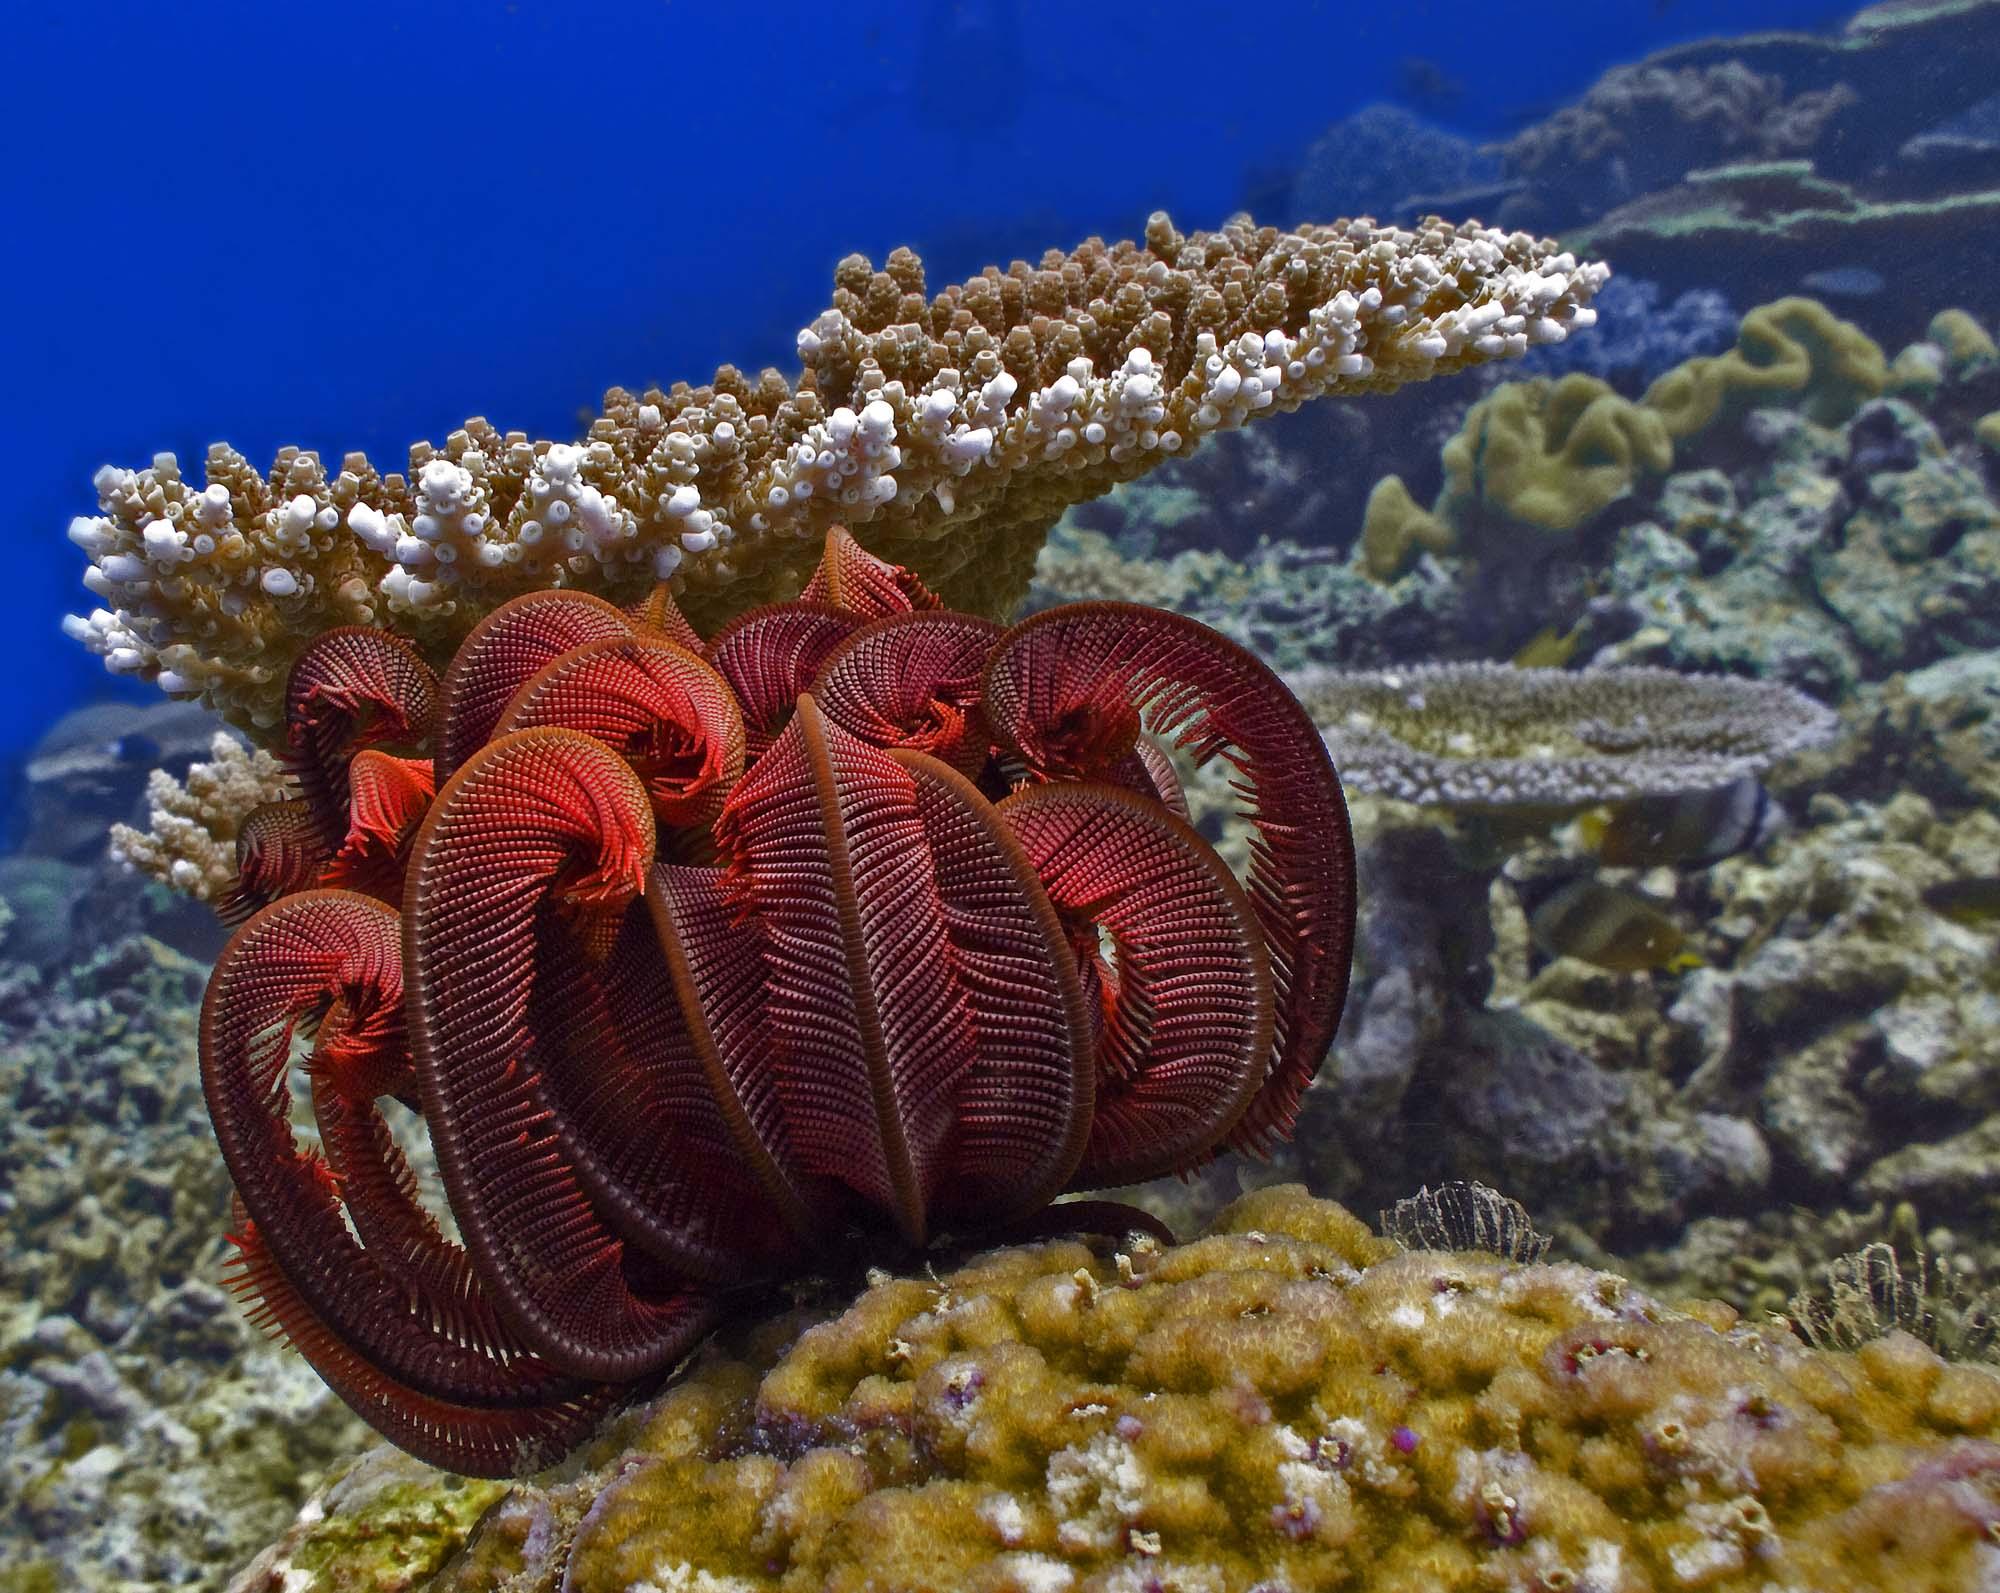 Hình ảnh san hô lông vũ - loài san hô đột biến đẹp nhất